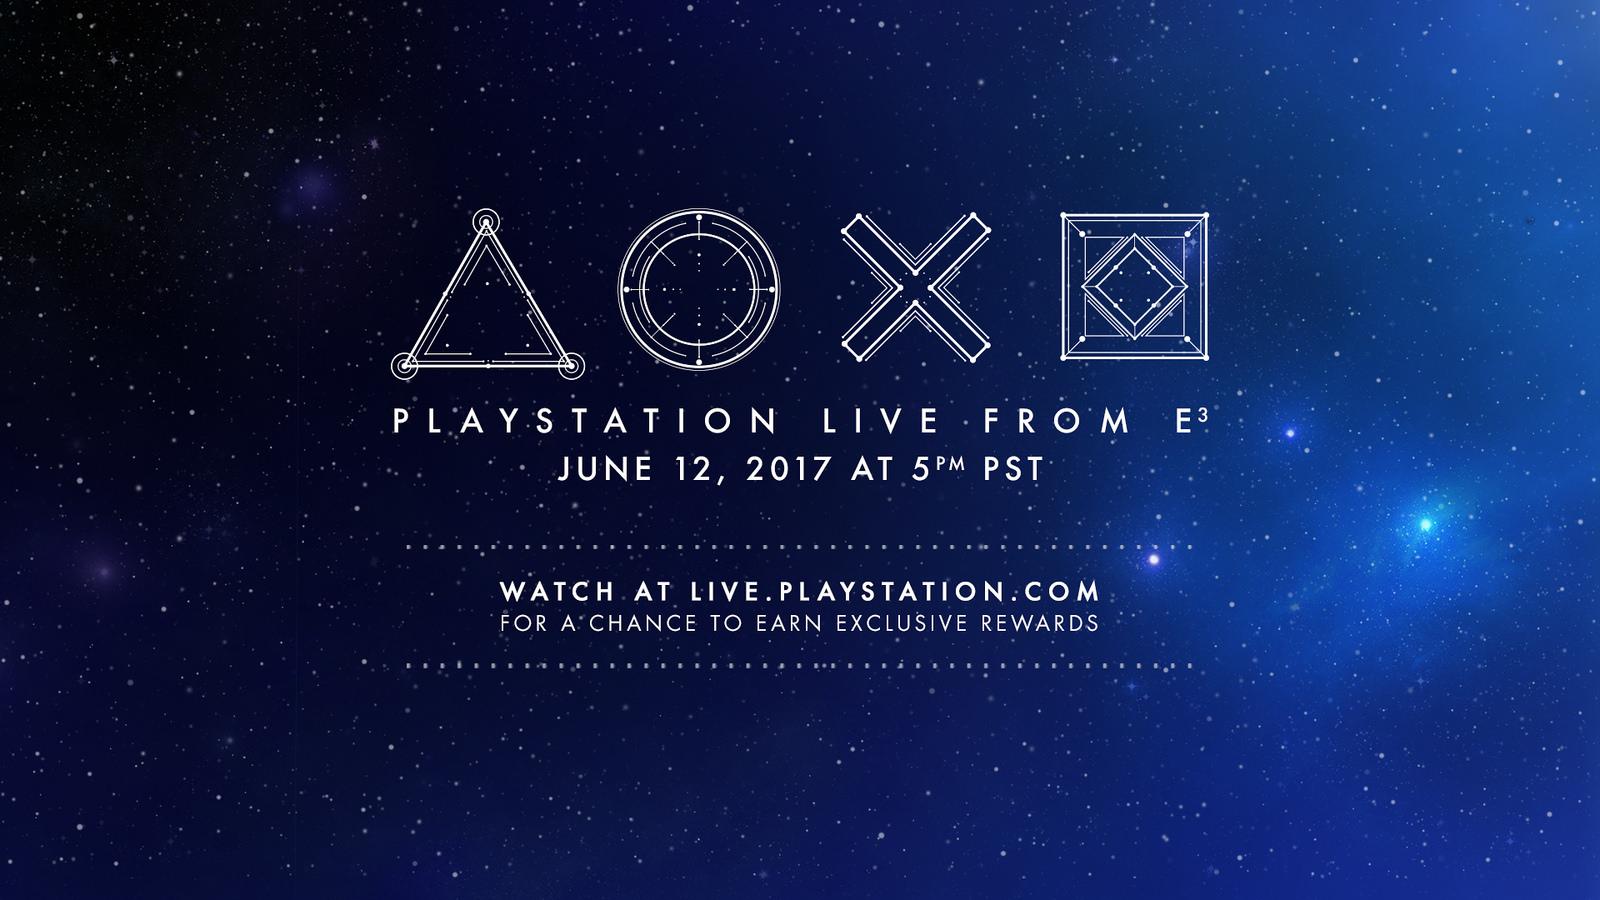 Seguí en vivo todas las transmisiones de PlayStation desde la E3